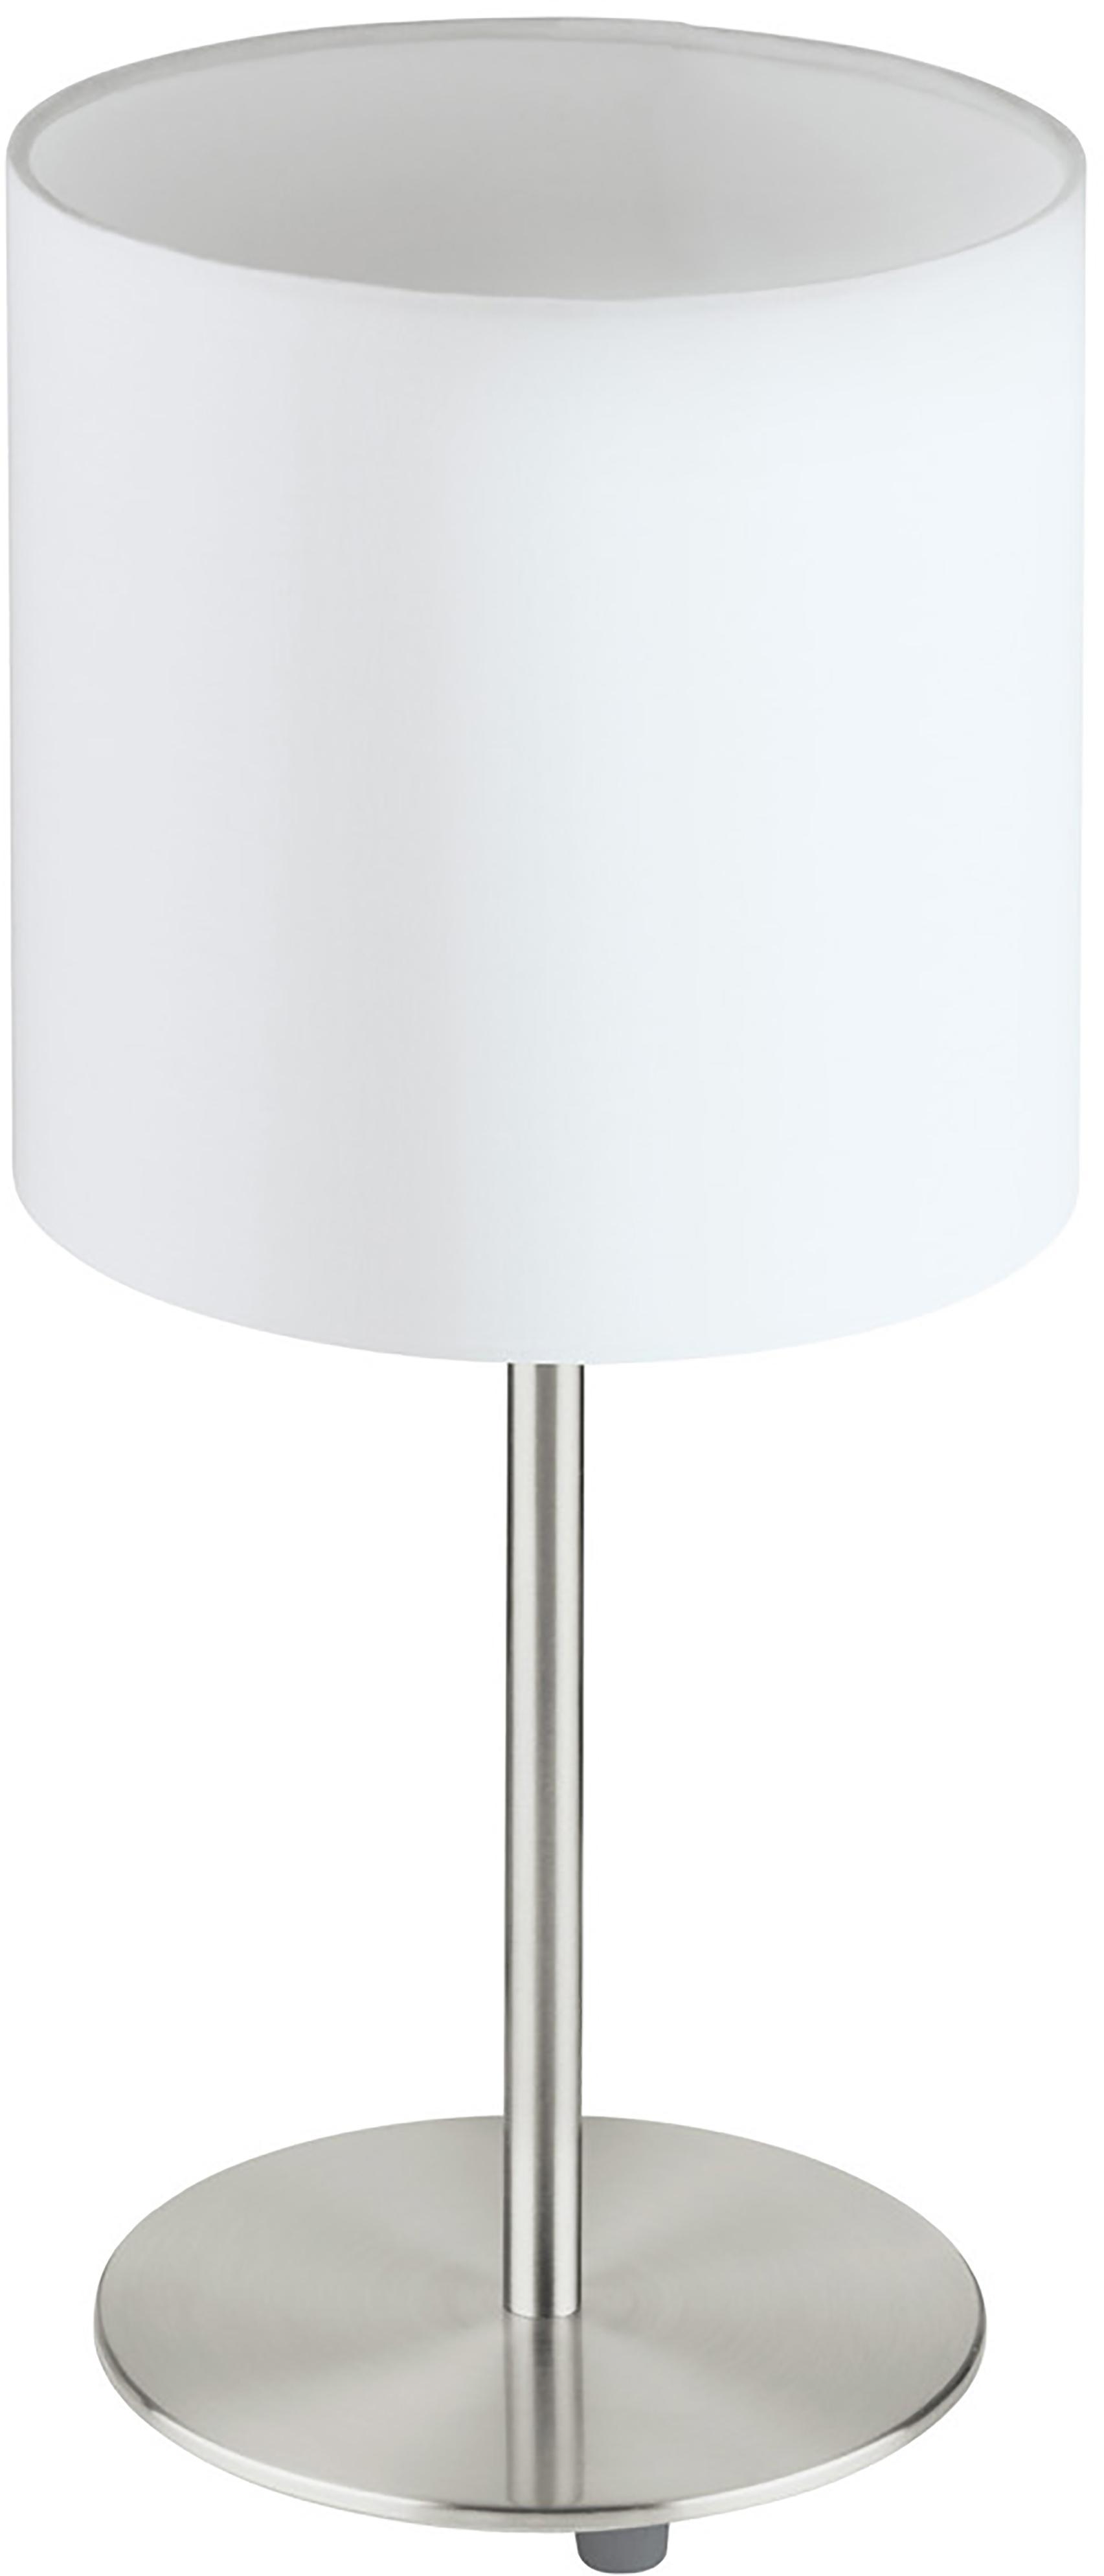 Tafellamp Mick, Lampenkap: textiel, Lampvoet: vernikkeld metaal, Wit, zilverkleurig, Ø 18 x H 40 cm